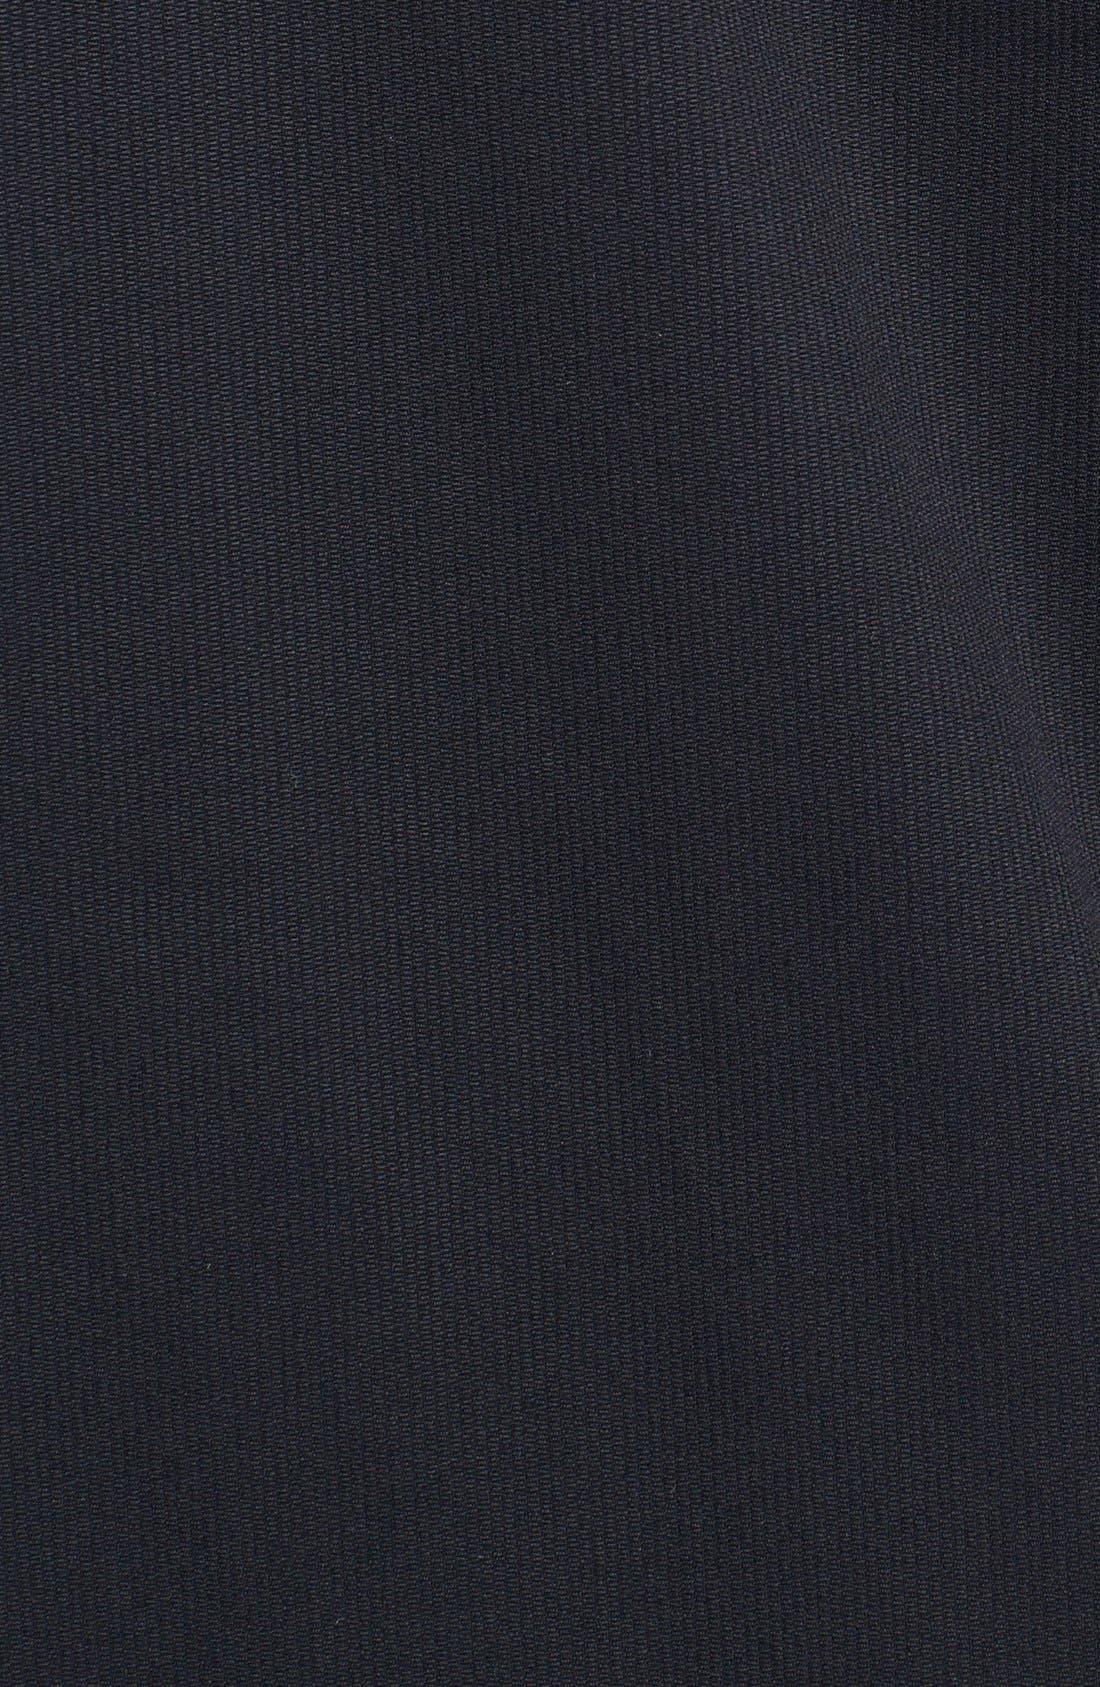 Alternate Image 3  - Burton 'Sentry' Waterproof Jacket